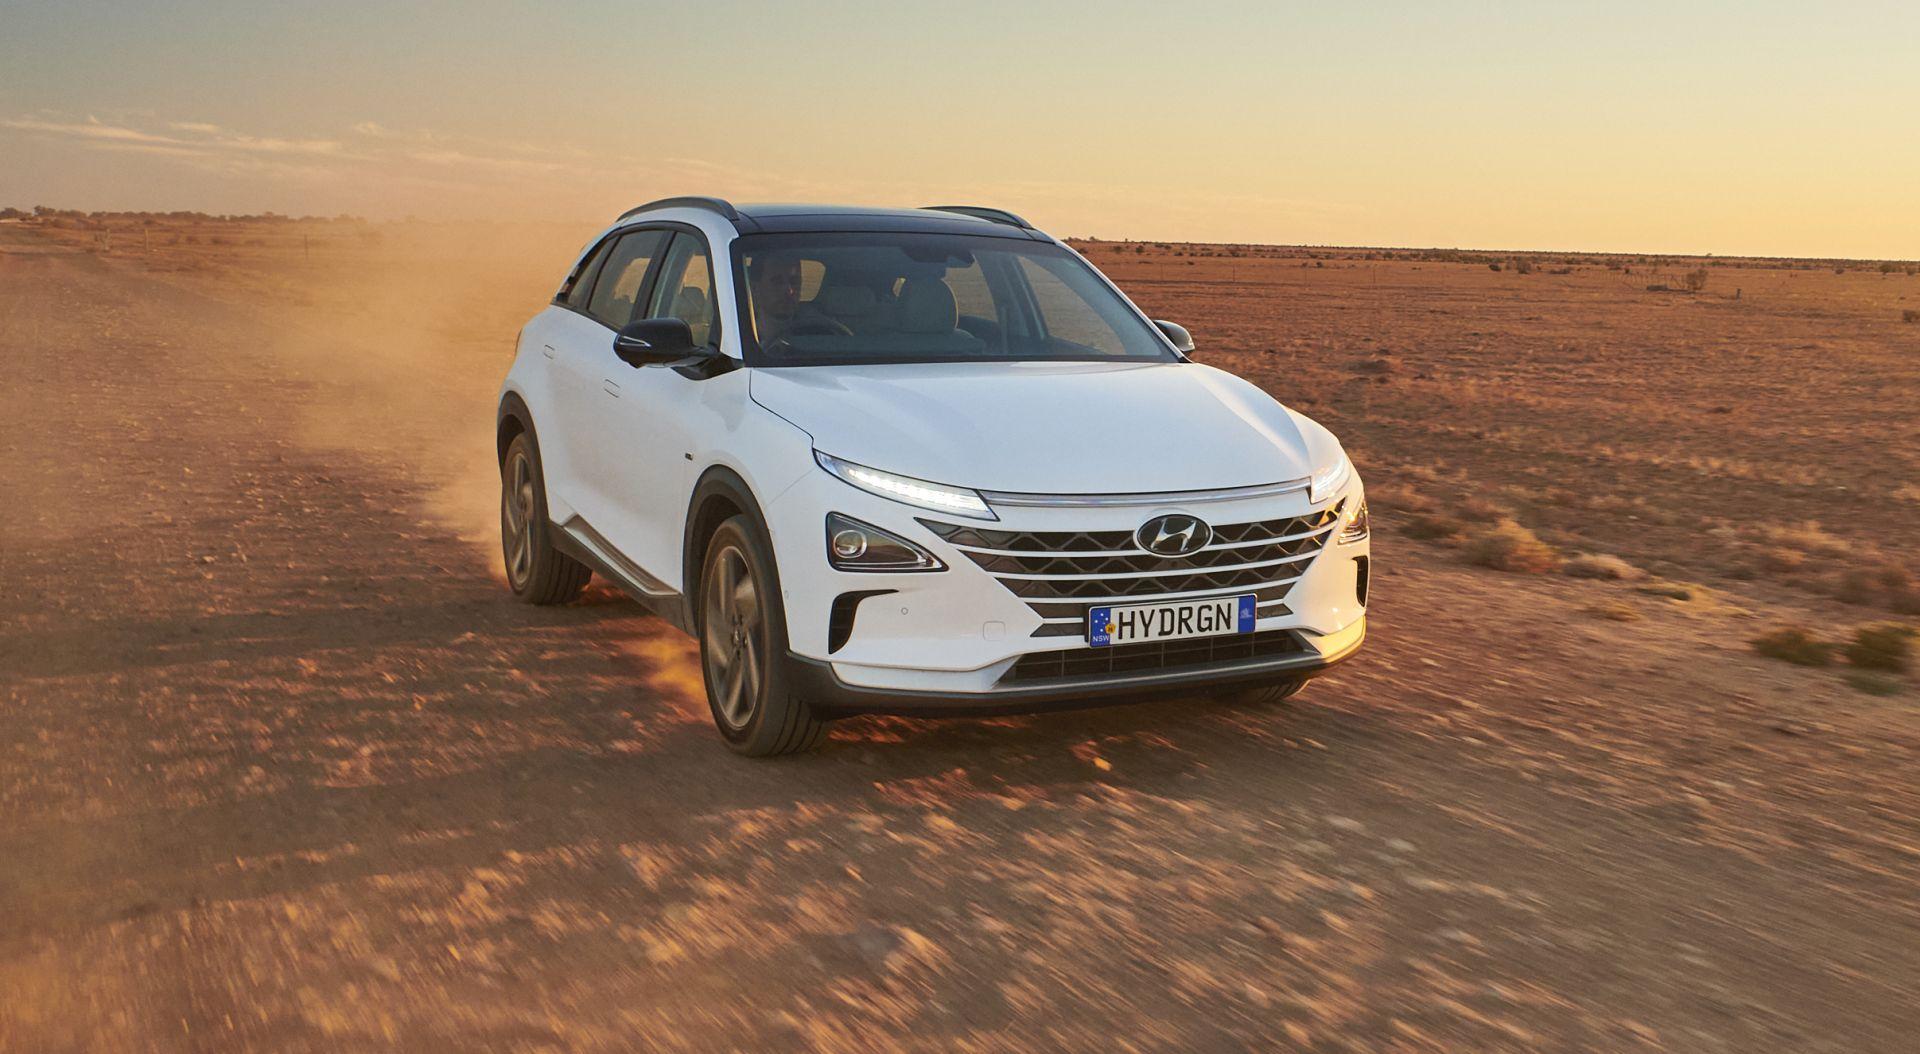 Hyundai Nexo, kojeg pogoni vodik, postavio novi svjetski rekord